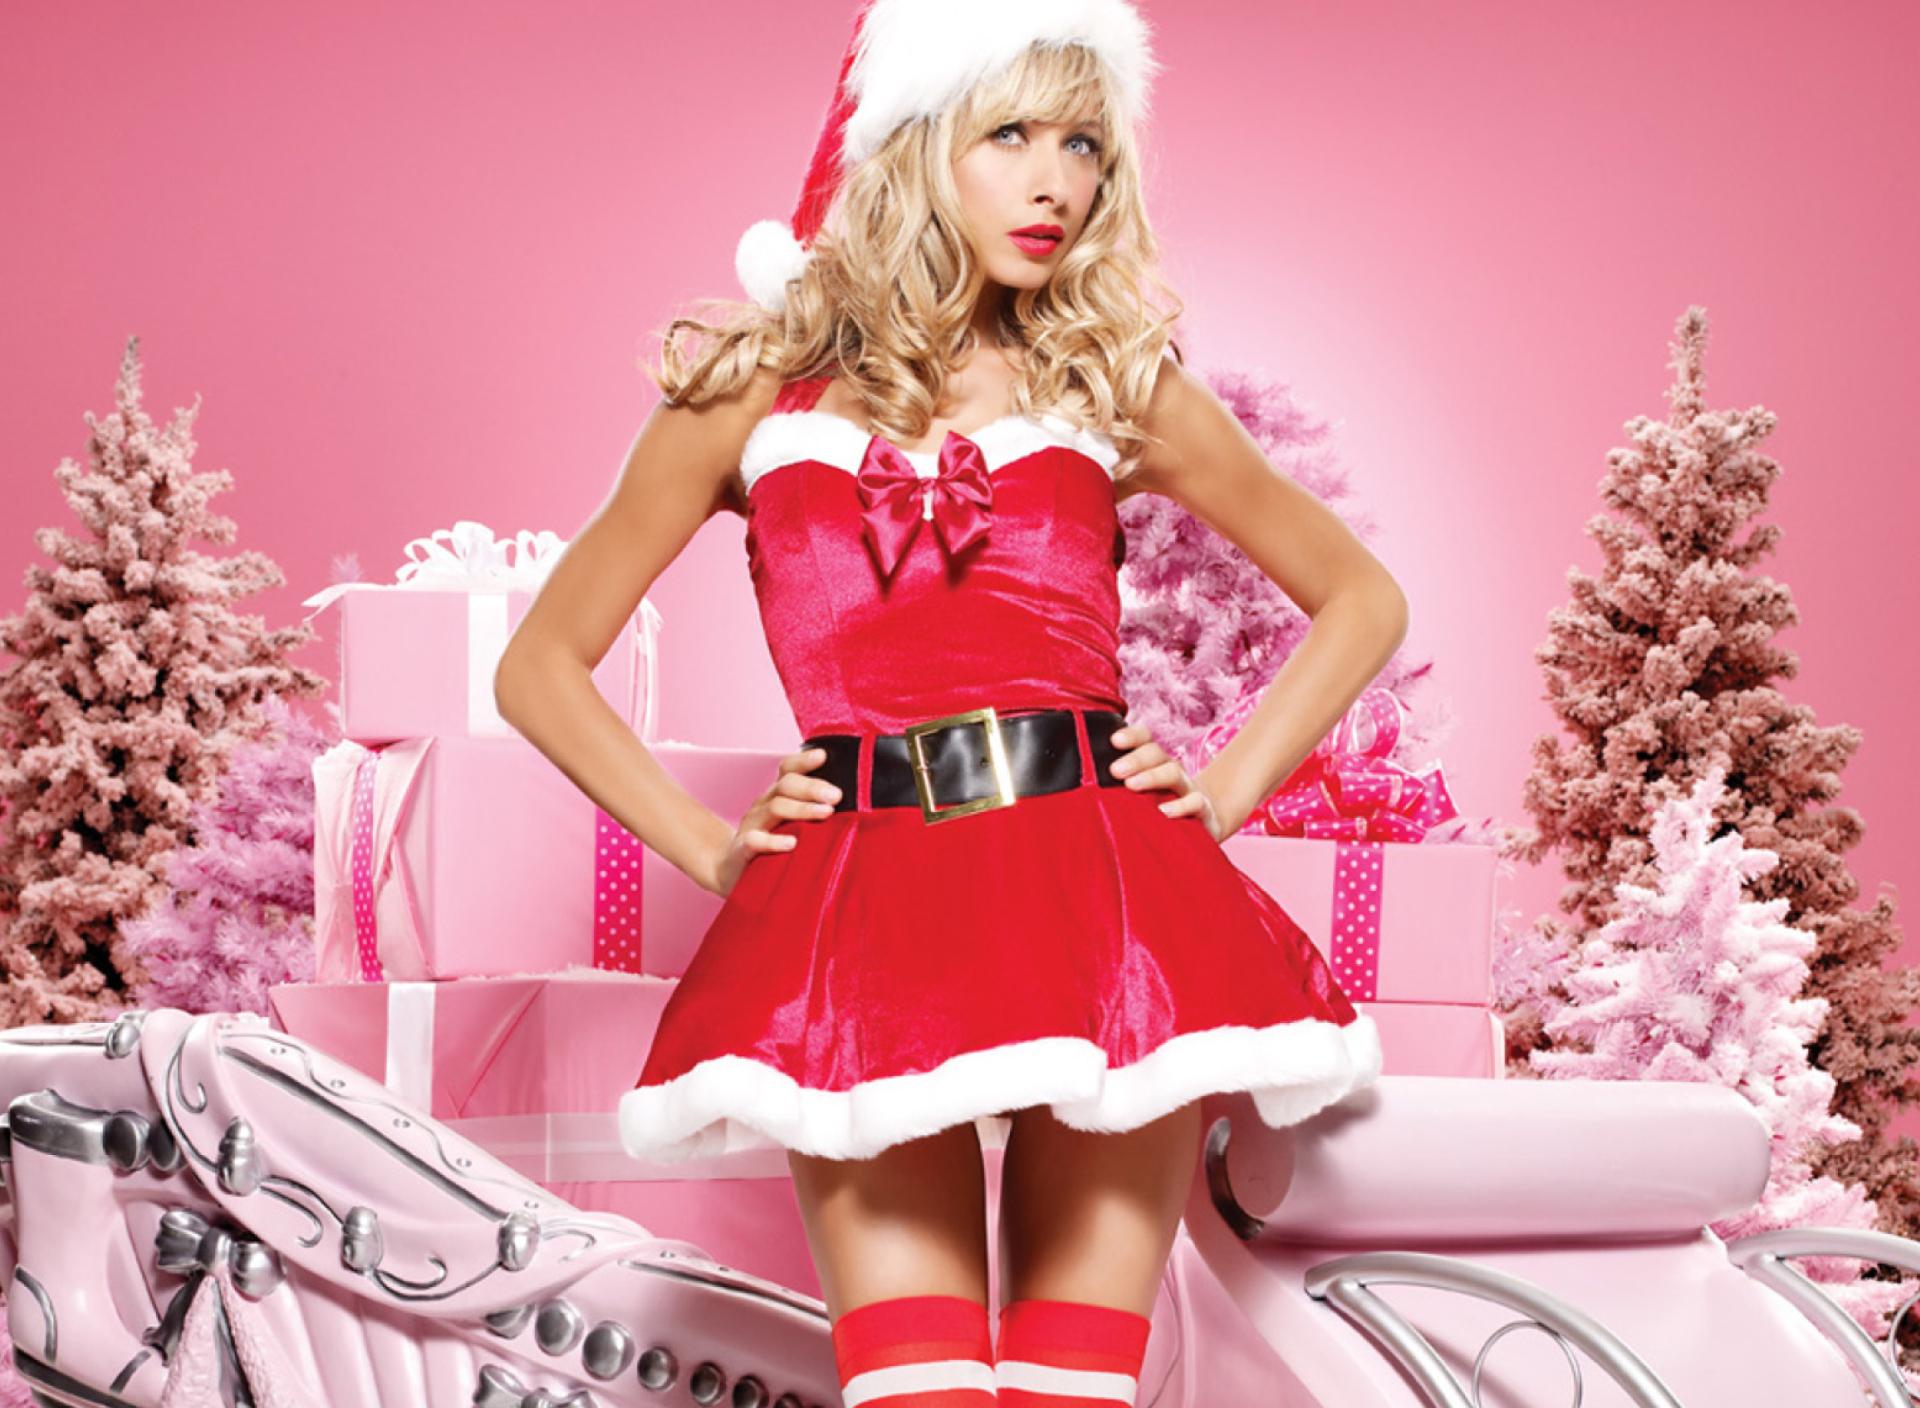 неё проснётся открытки сексуальные красотки в наряде снегурочки третий